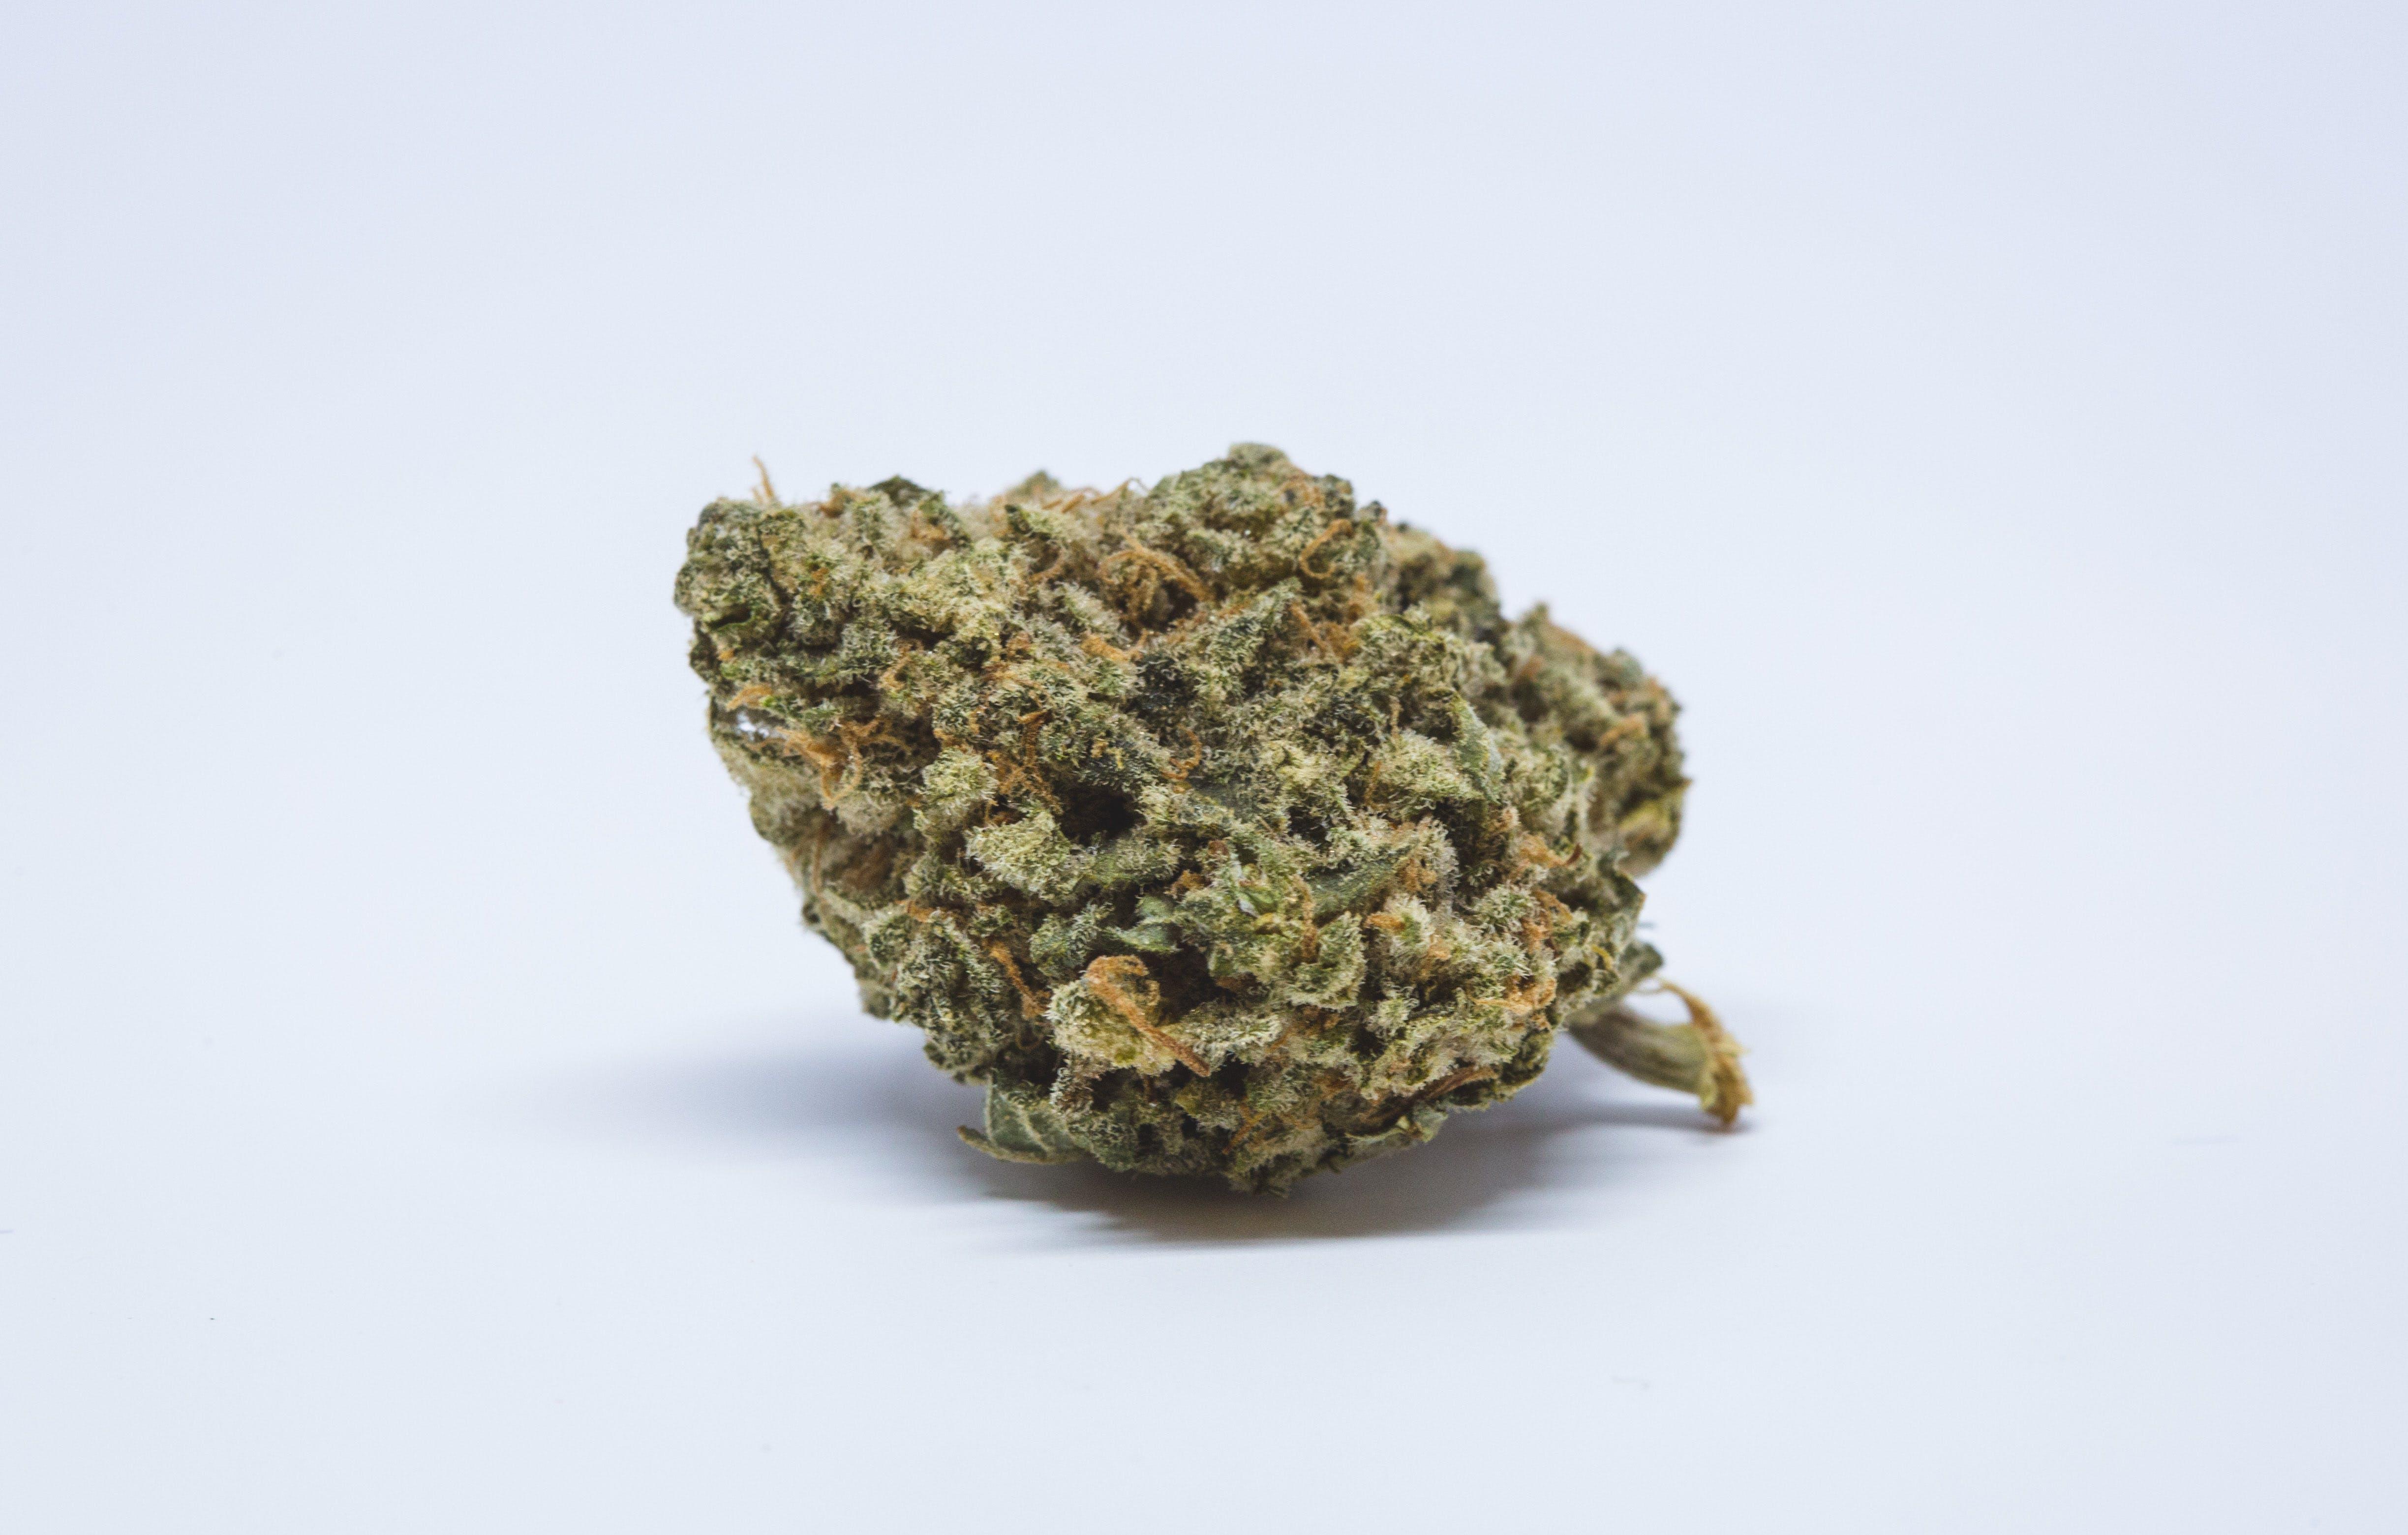 Maui Wowie Weed; Maui Wowie Cannabis Strain; Maui Wowie Sativa Strain